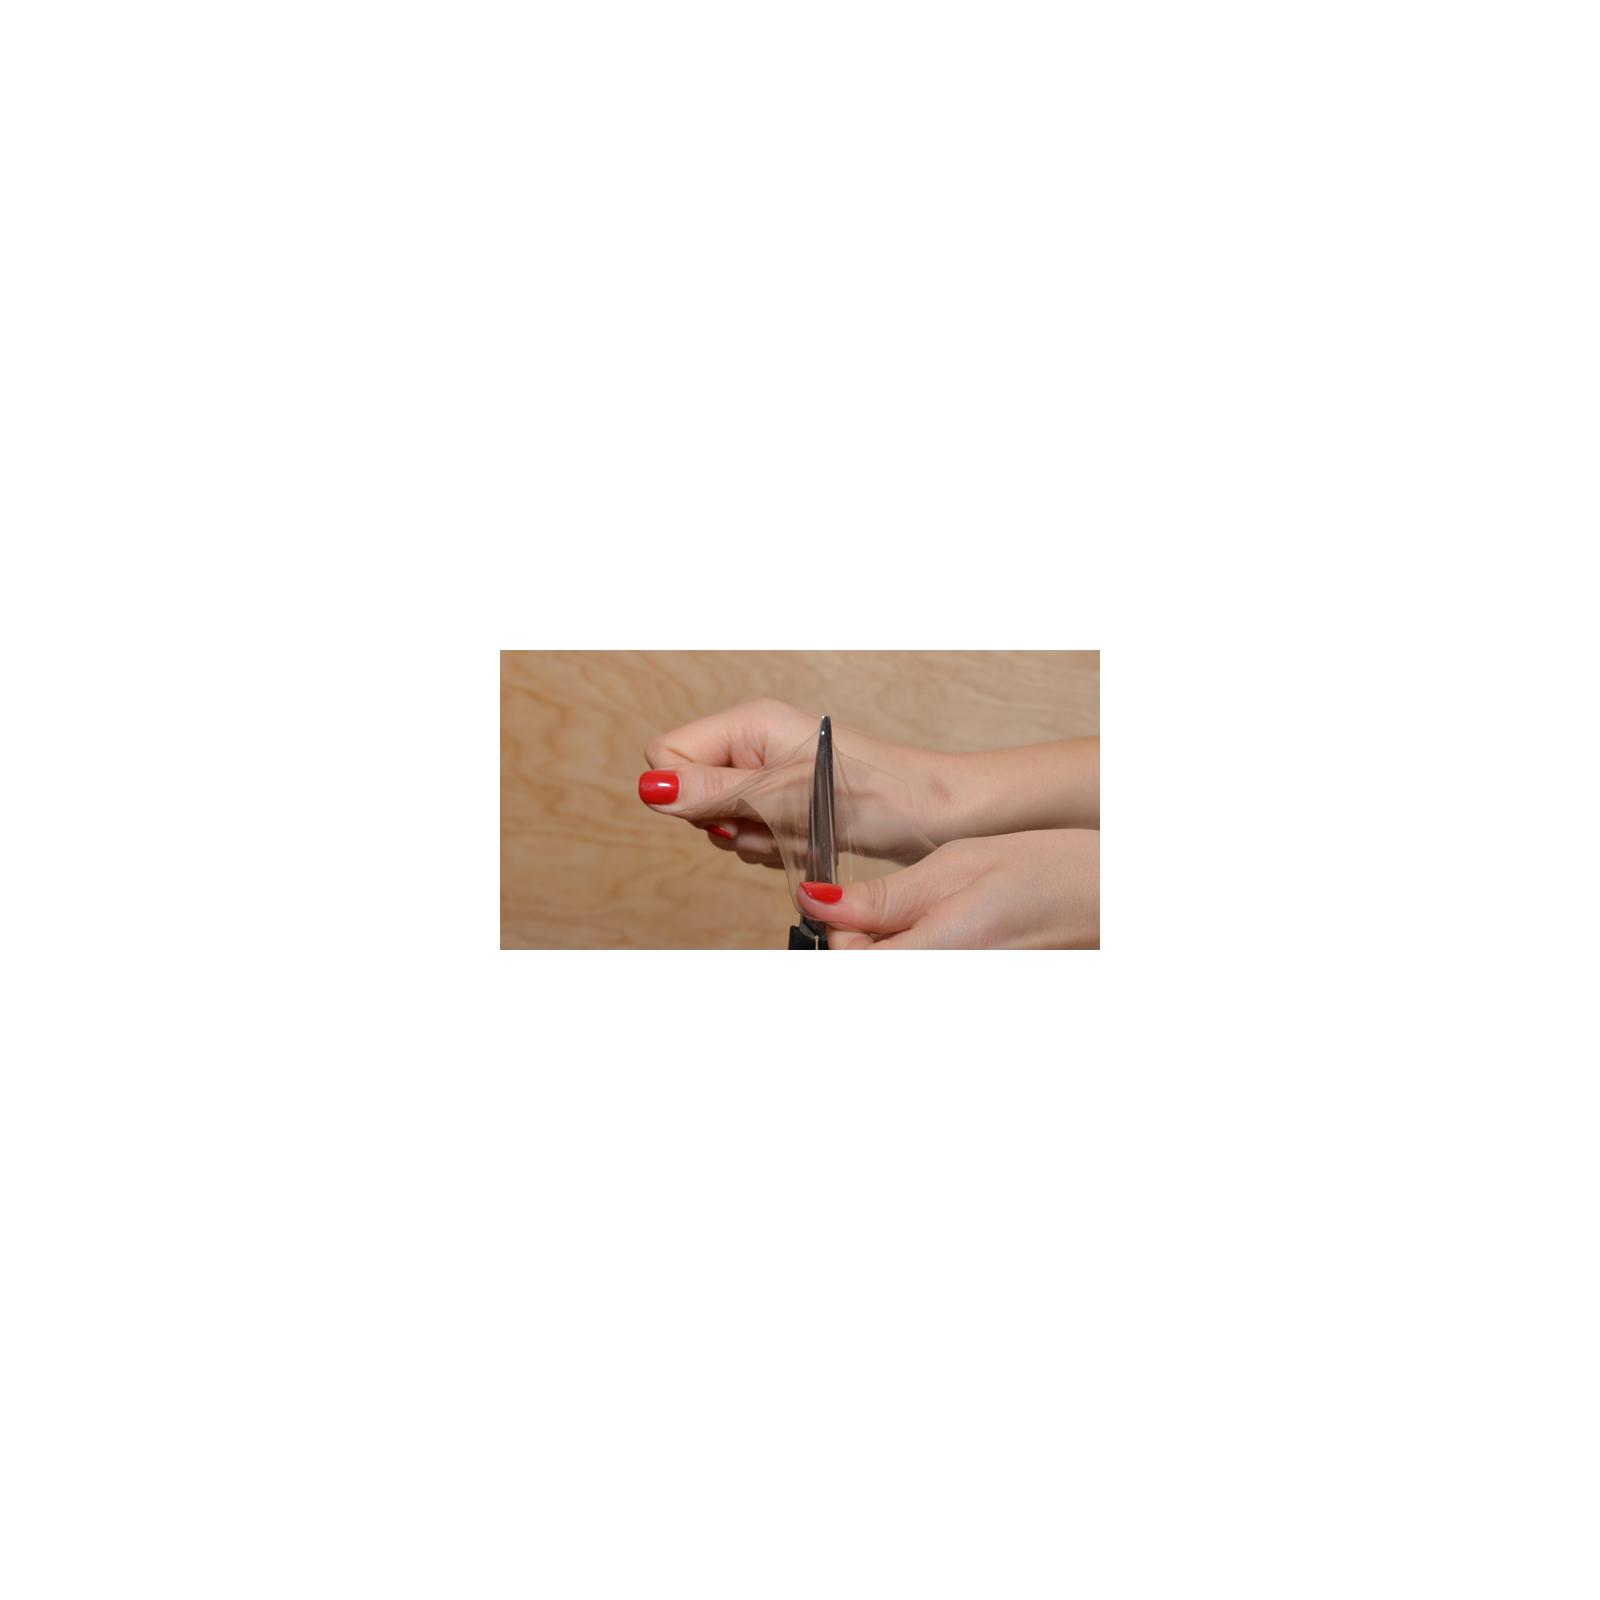 Пленка защитная JINN ультрапрочная Magic Screen для Fly IQ445 Genius (Fly IQ445 Genius front+back) изображение 4